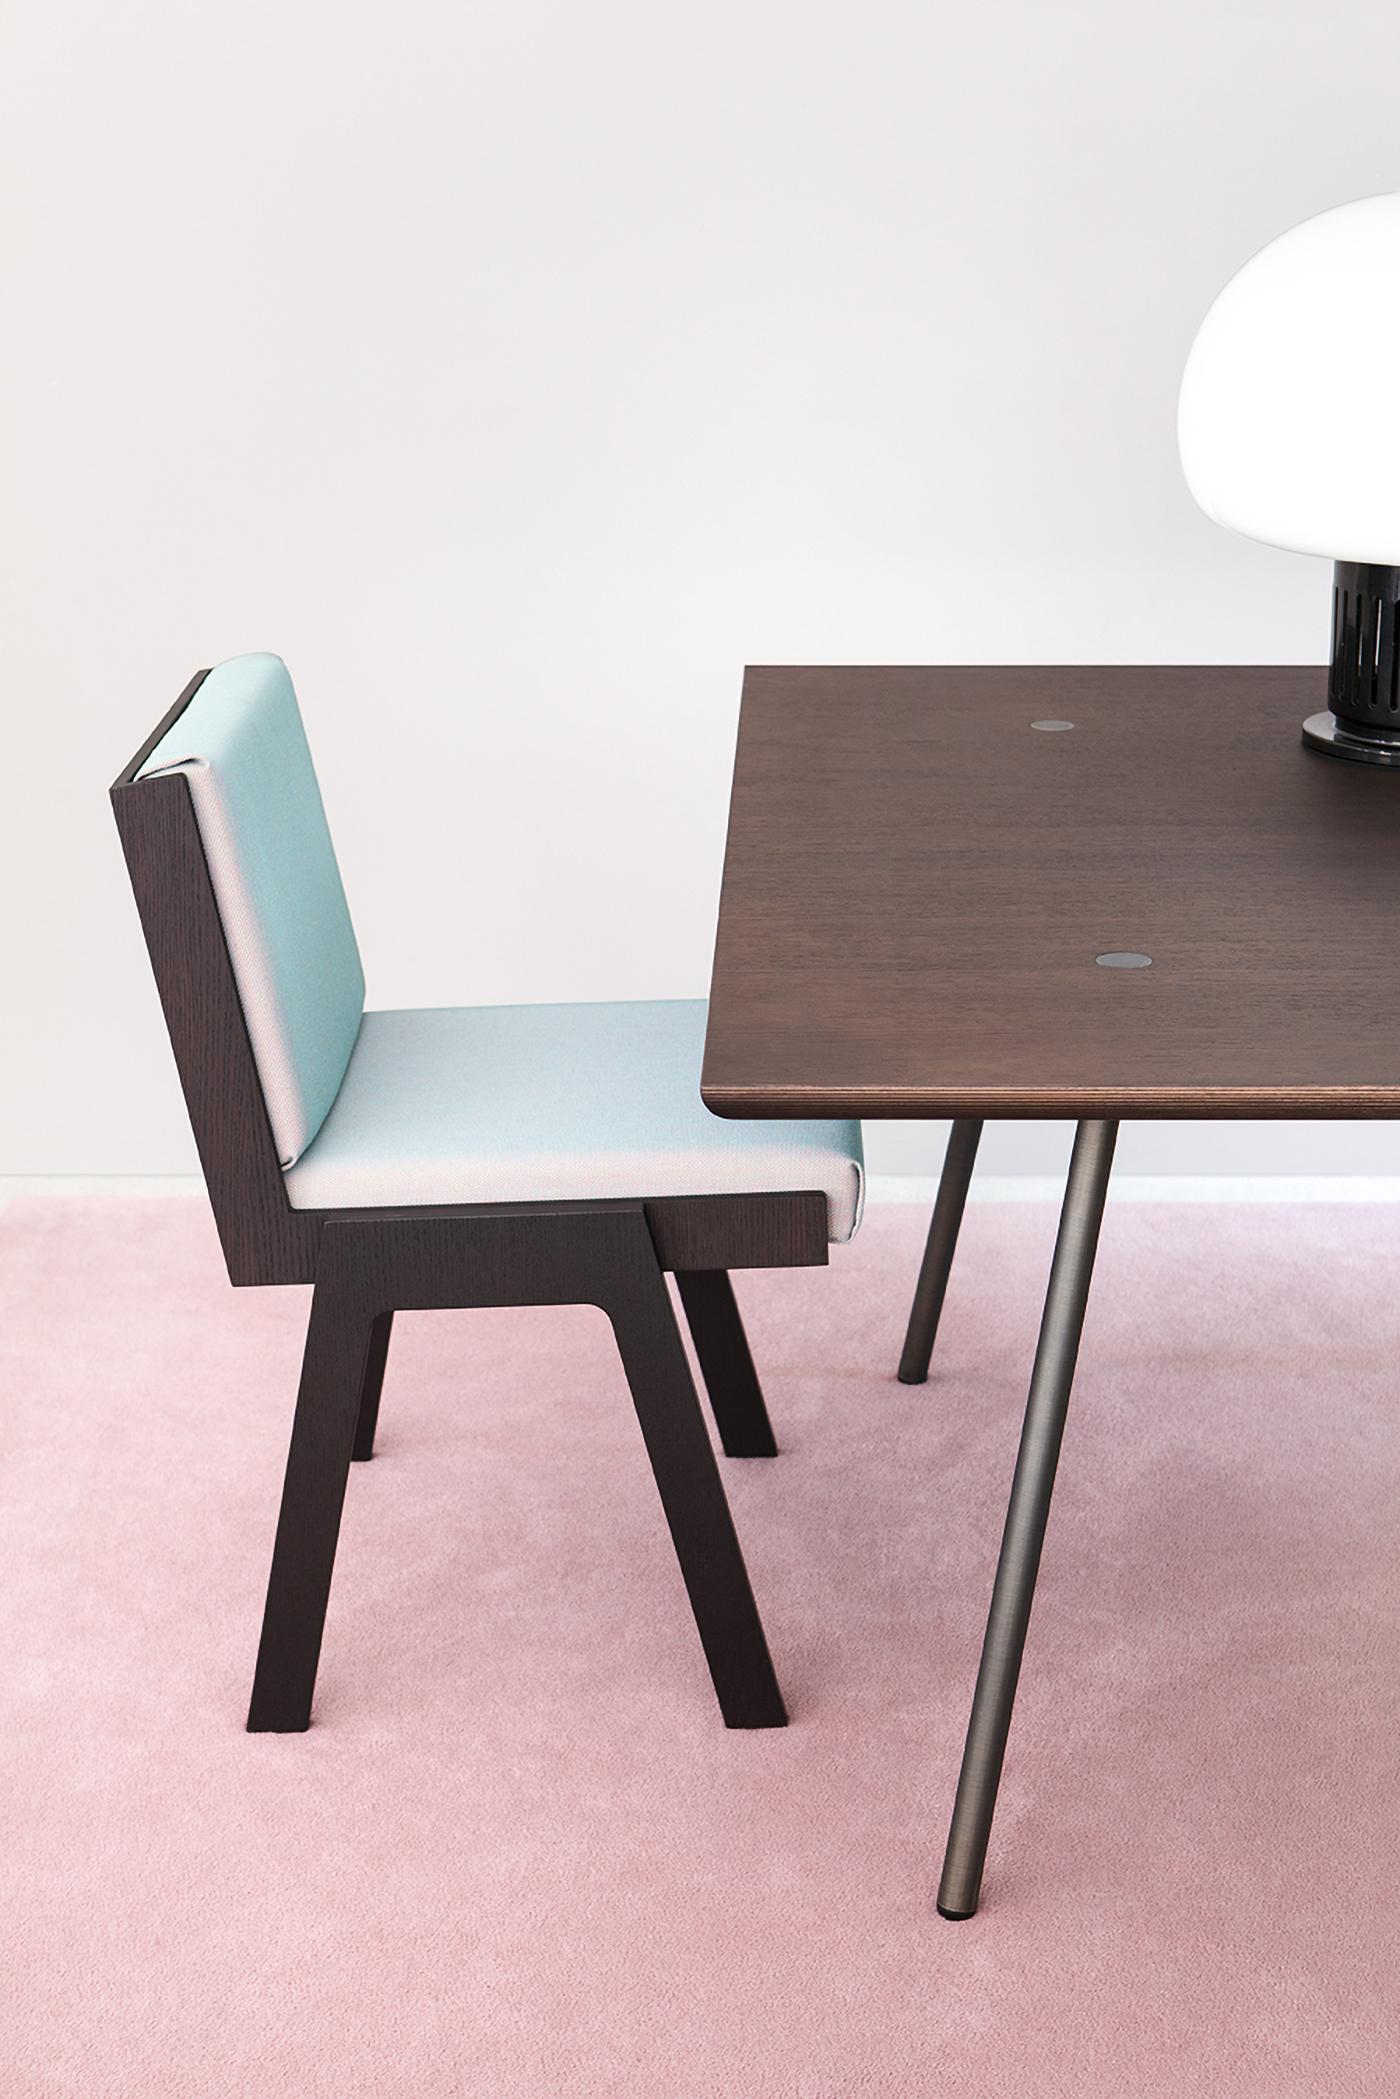 TinnappleMetz-agapecase-mangiarotti-Club-44-Chair_04